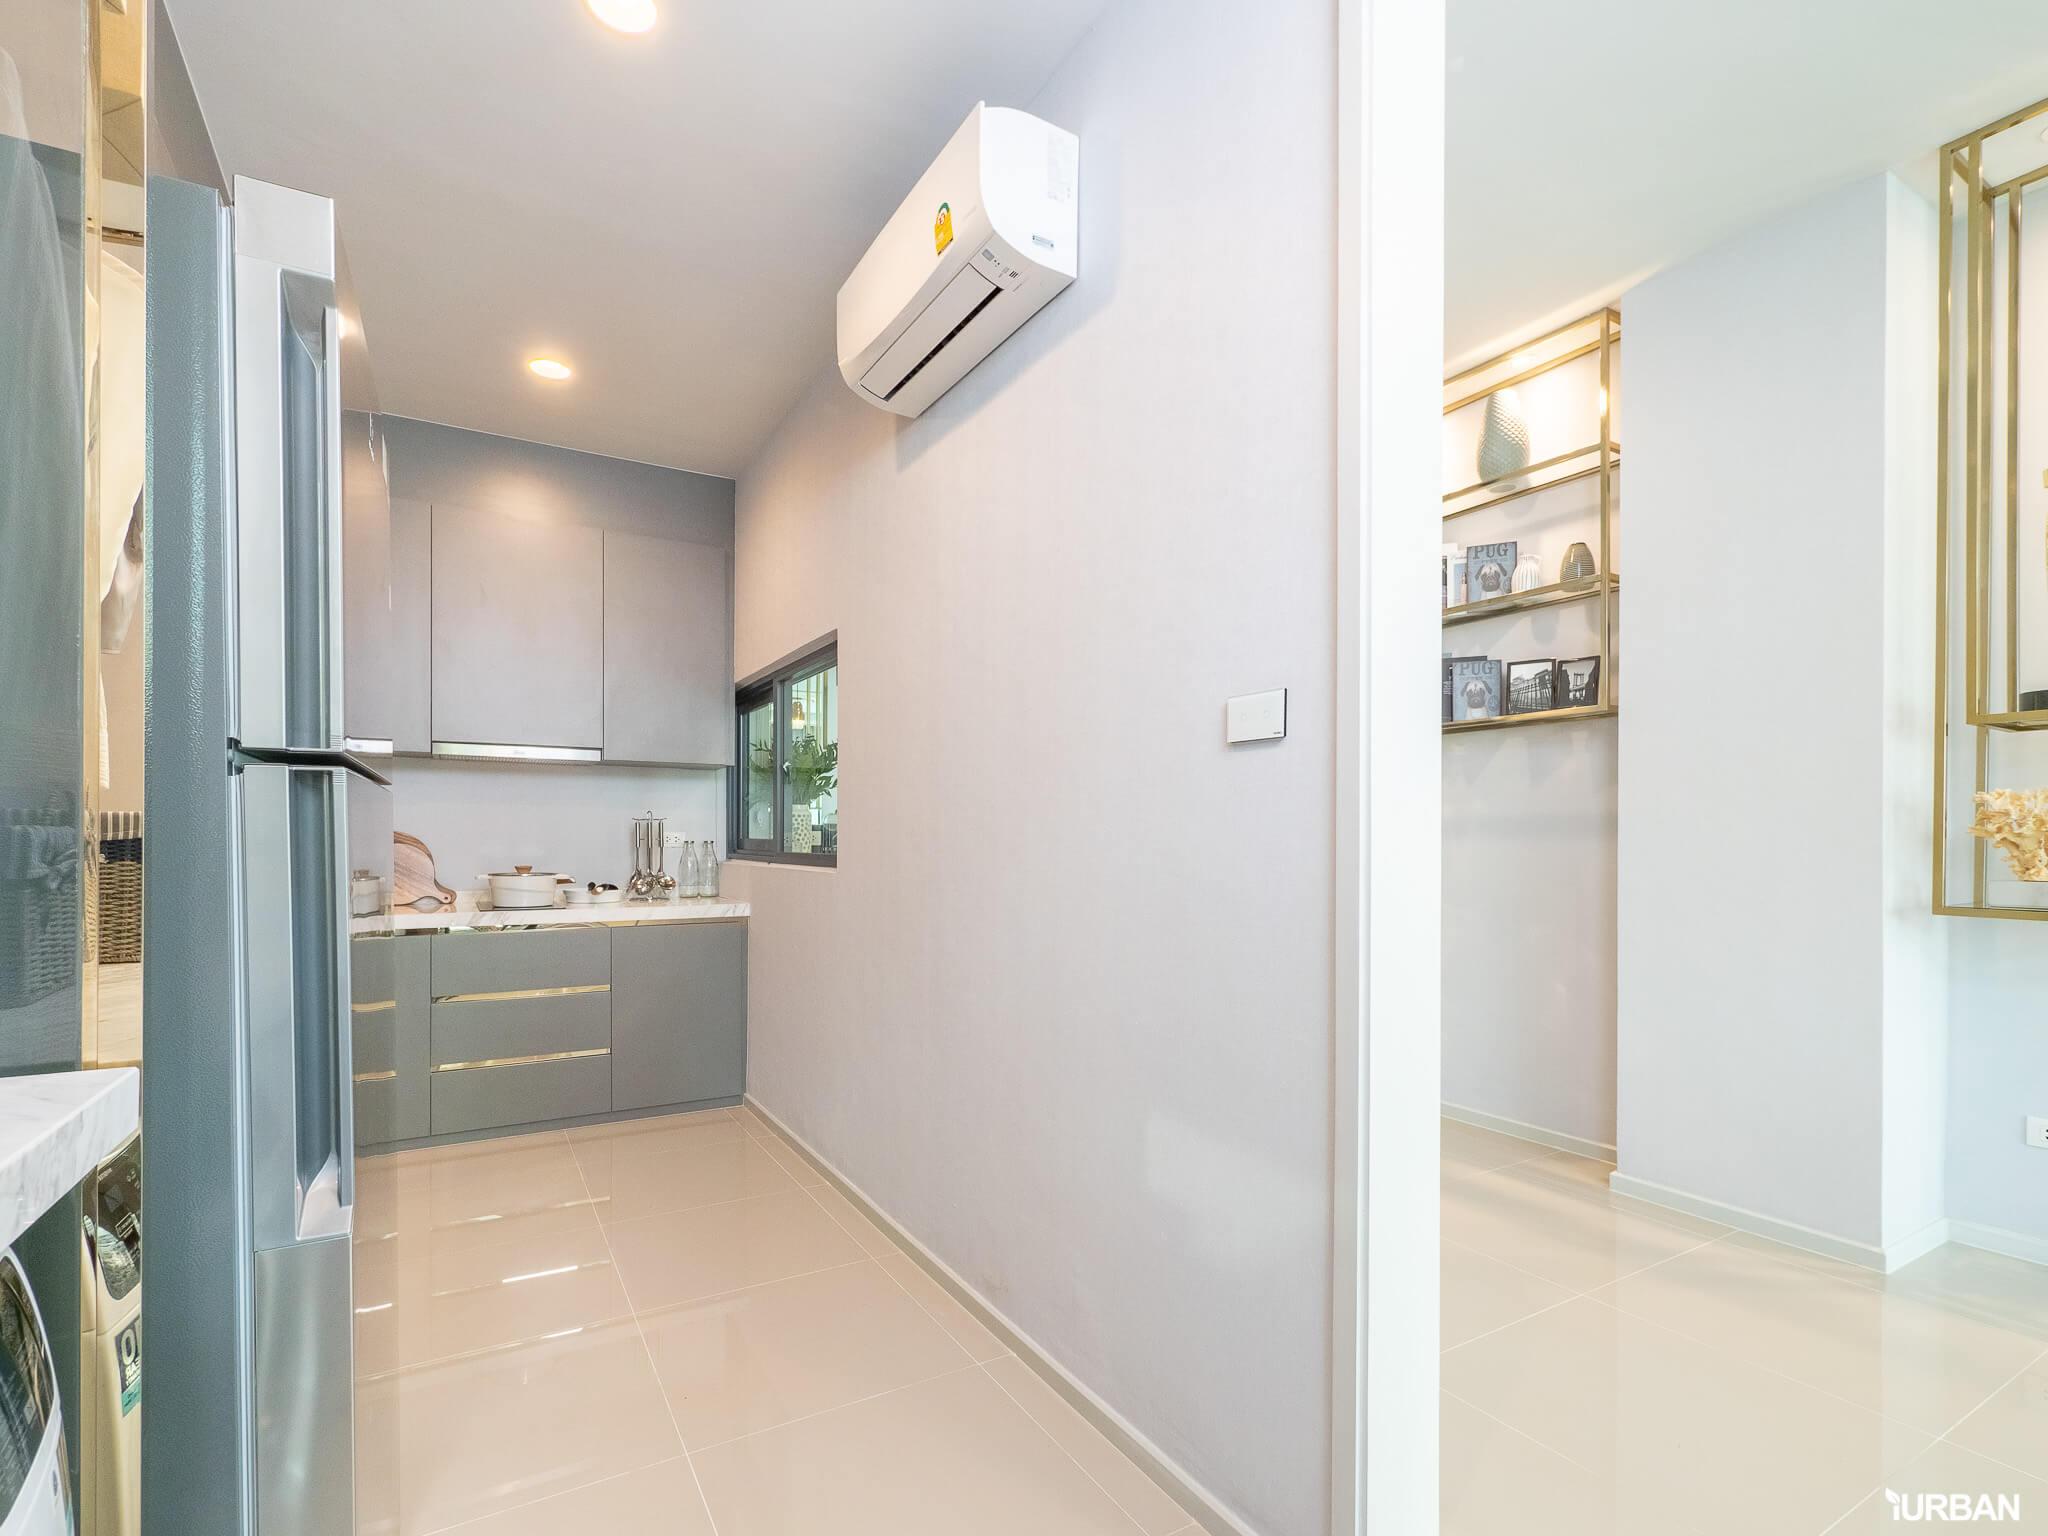 7 โครงการบ้านเอพีช่วยผ่อน 30 เดือน สุขสวัสดิ์-ประชาอุทิศ เข้าเมืองง่าย ทาวน์โฮม-บ้าน เริ่ม 1.99 ล้าน 57 - AP (Thailand) - เอพี (ไทยแลนด์)